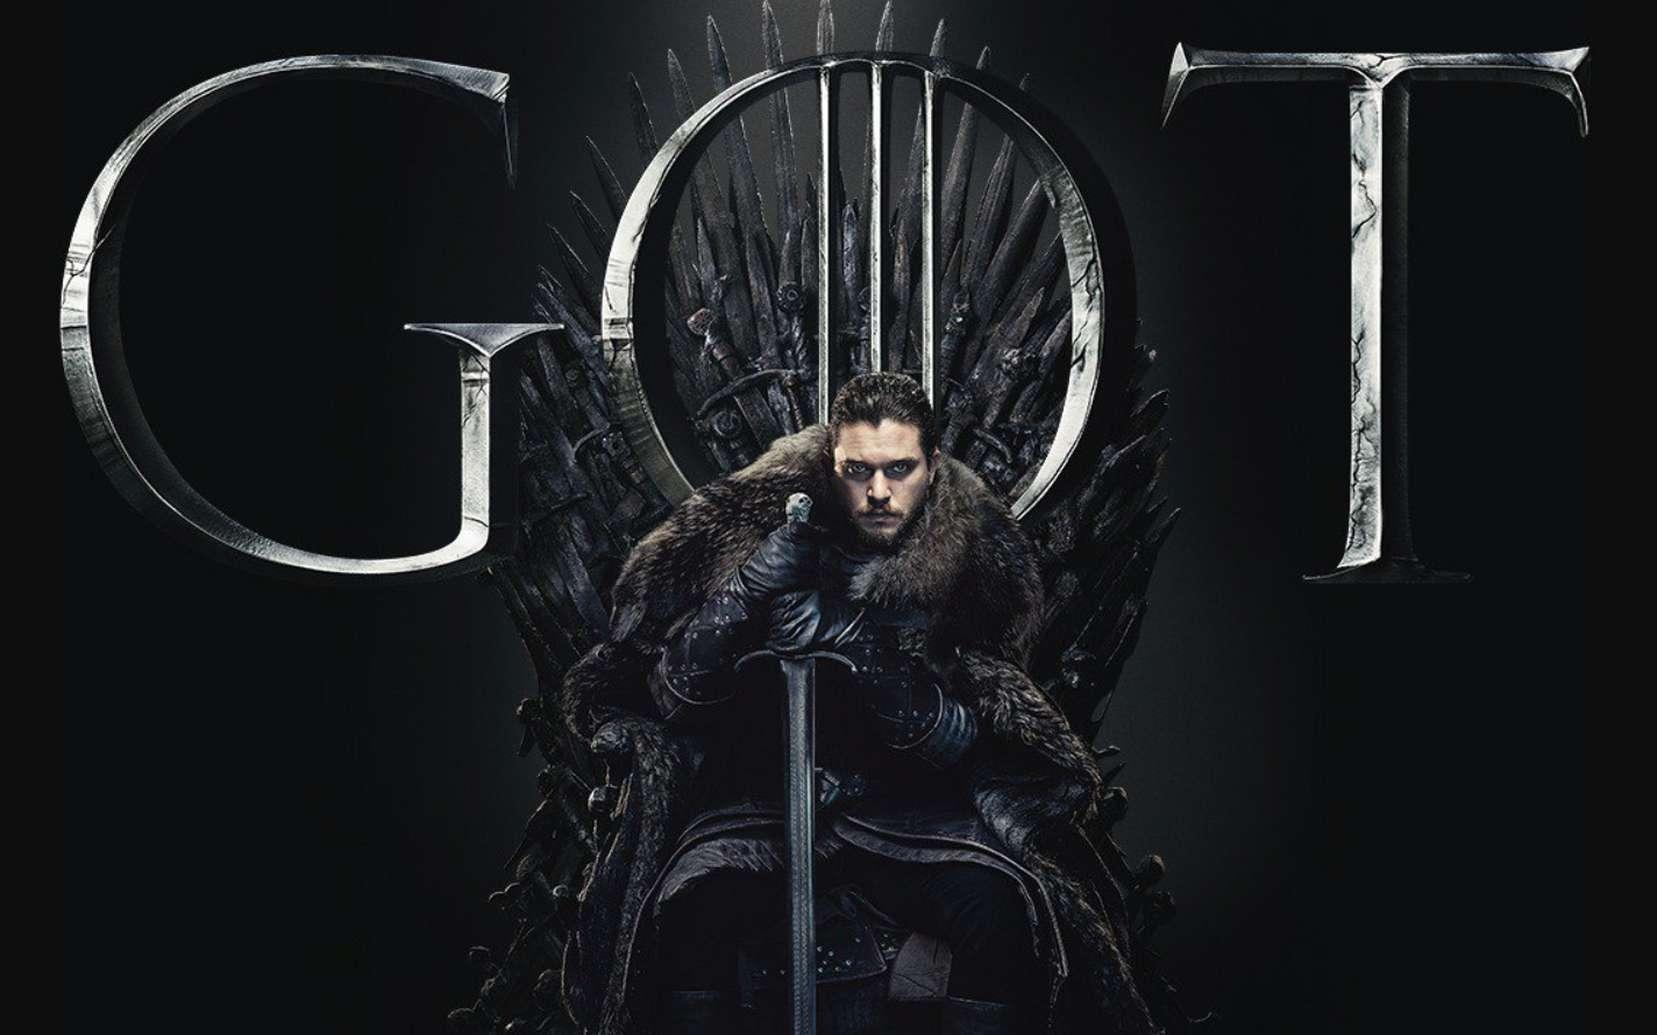 La huitième et dernière saison de la série Game of Thrones débute le 14 avril 2019. Qui restera sur le Trône de Fer ? © HBO